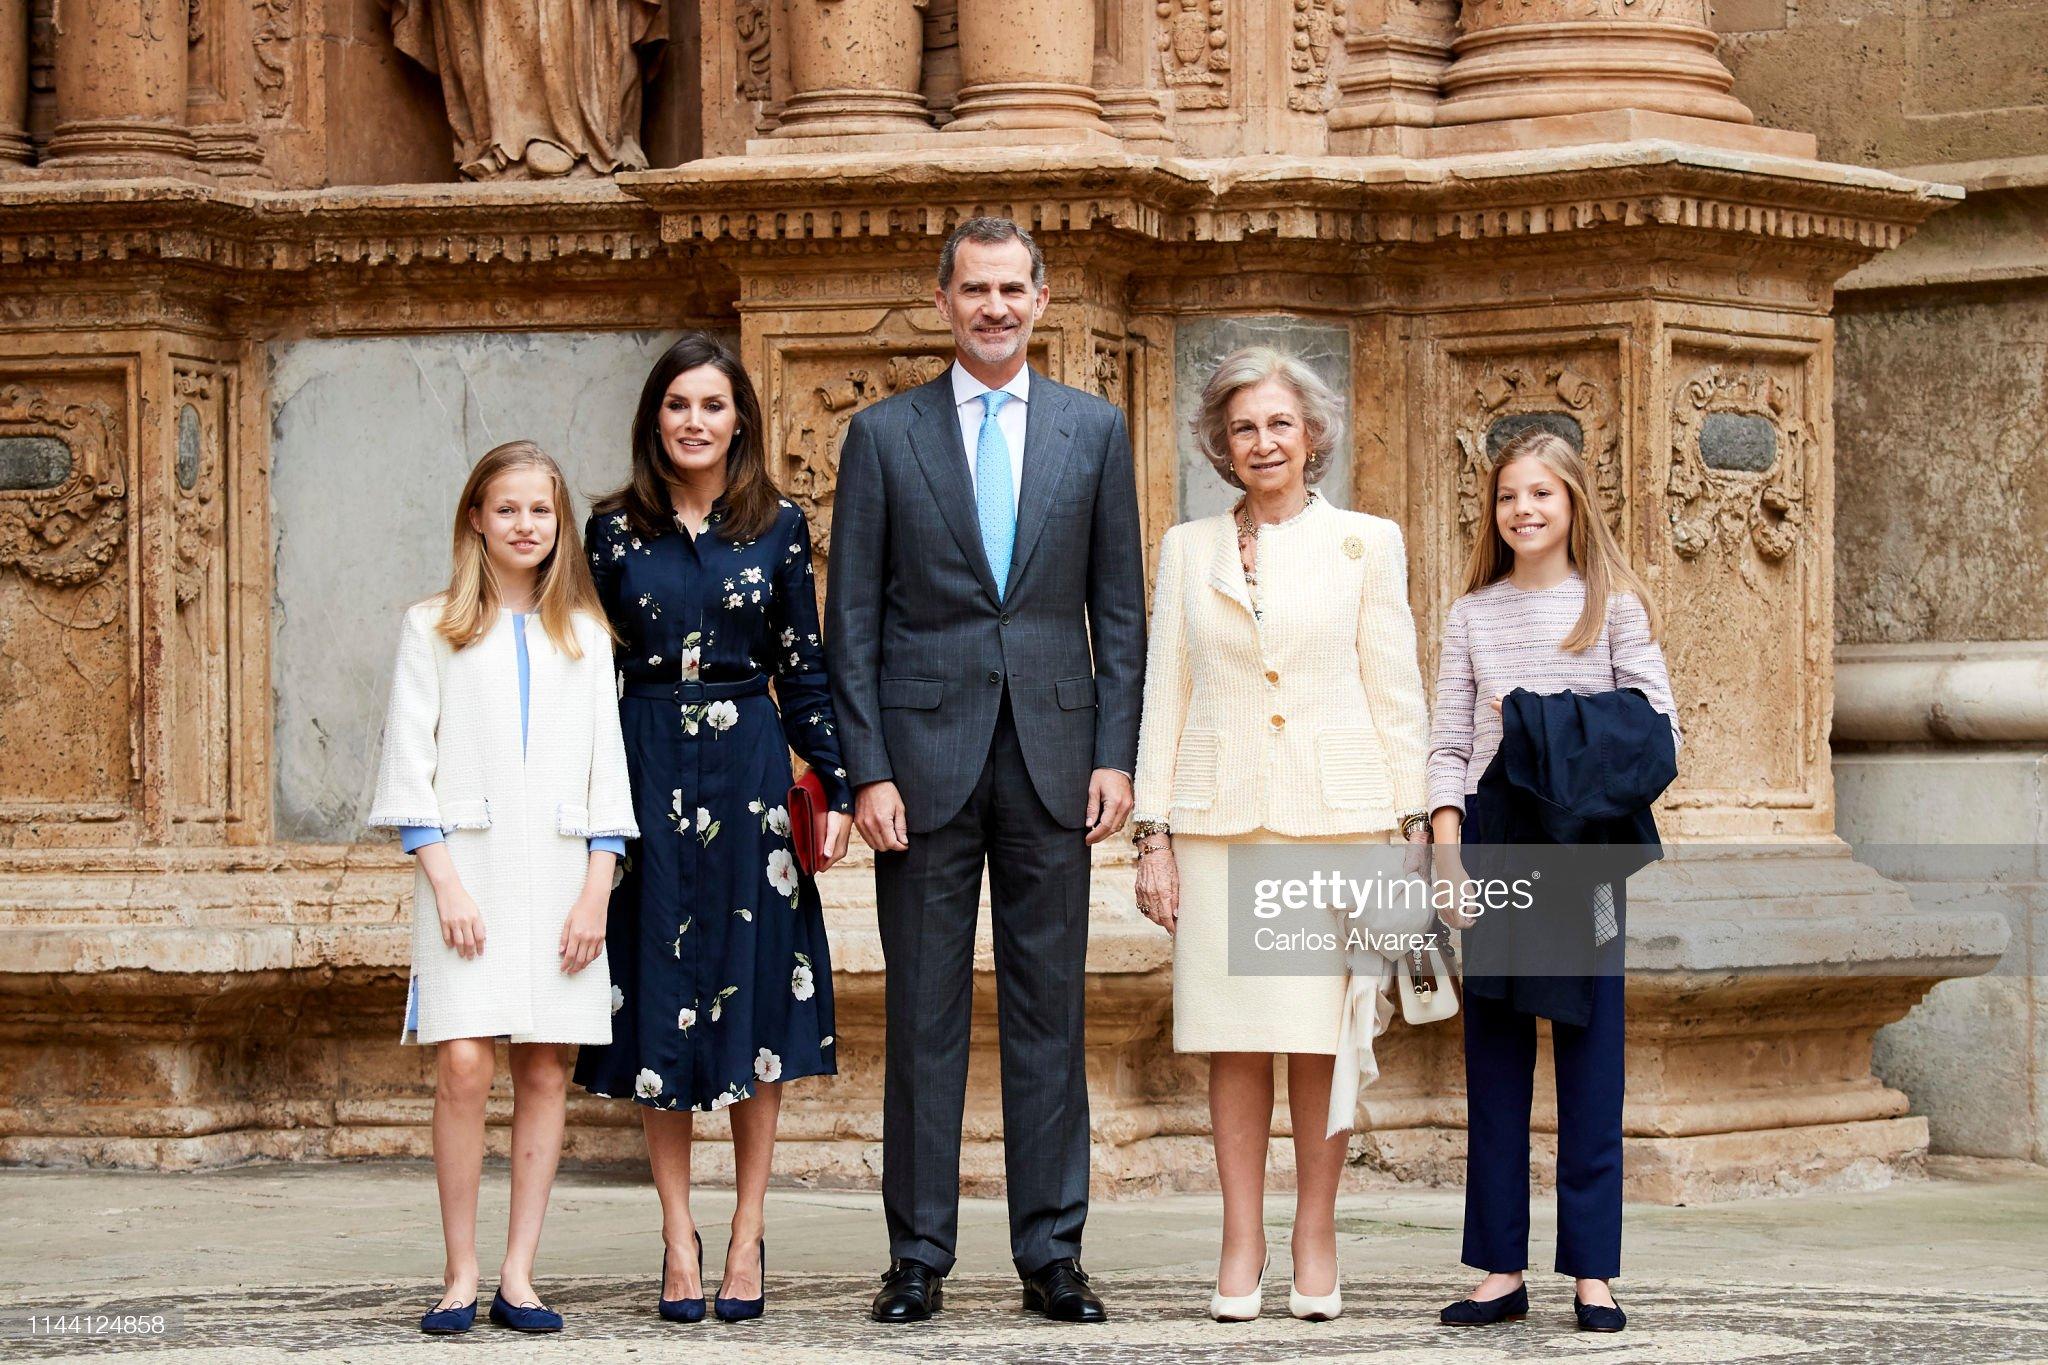 ¿Cuánto mide la Reina Letizia Ortiz? - Altura - Real height Princess-leonor-of-spain-queen-letizia-of-spain-king-felipe-vi-of-picture-id1144124858?s=2048x2048